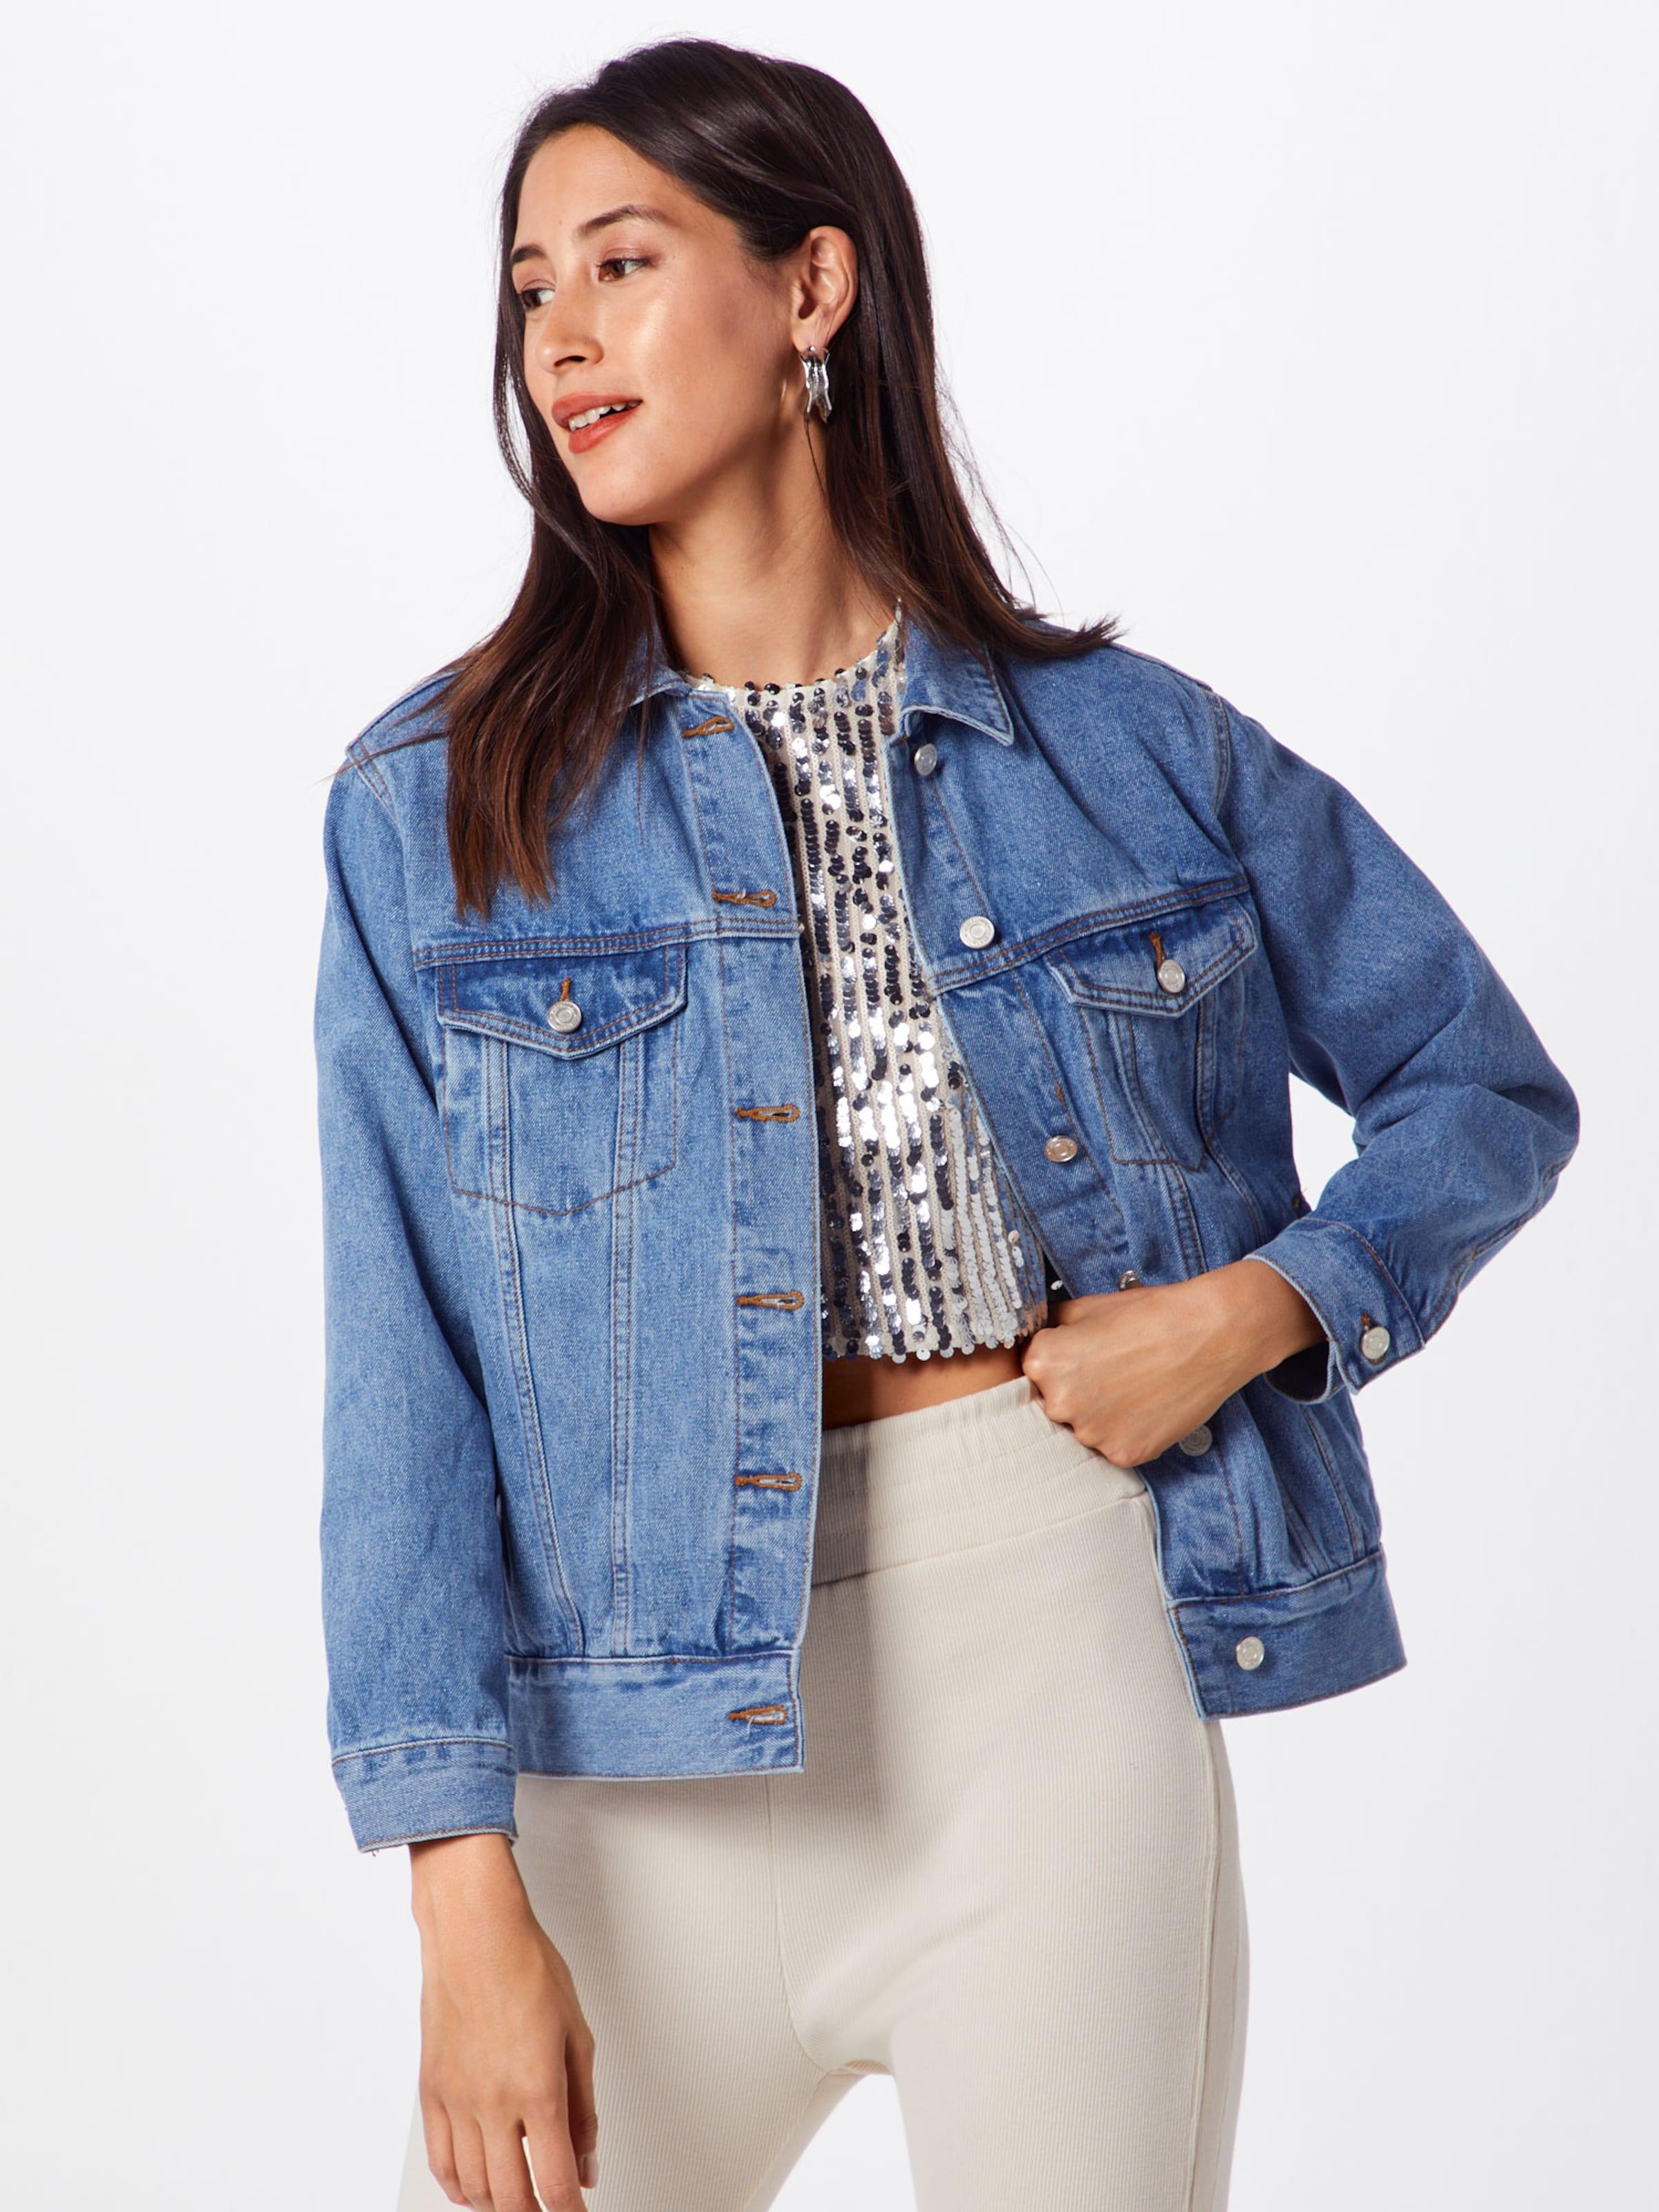 Jacket' In Missguided Blue Denim Jacke 'oversized vmN8w0nO